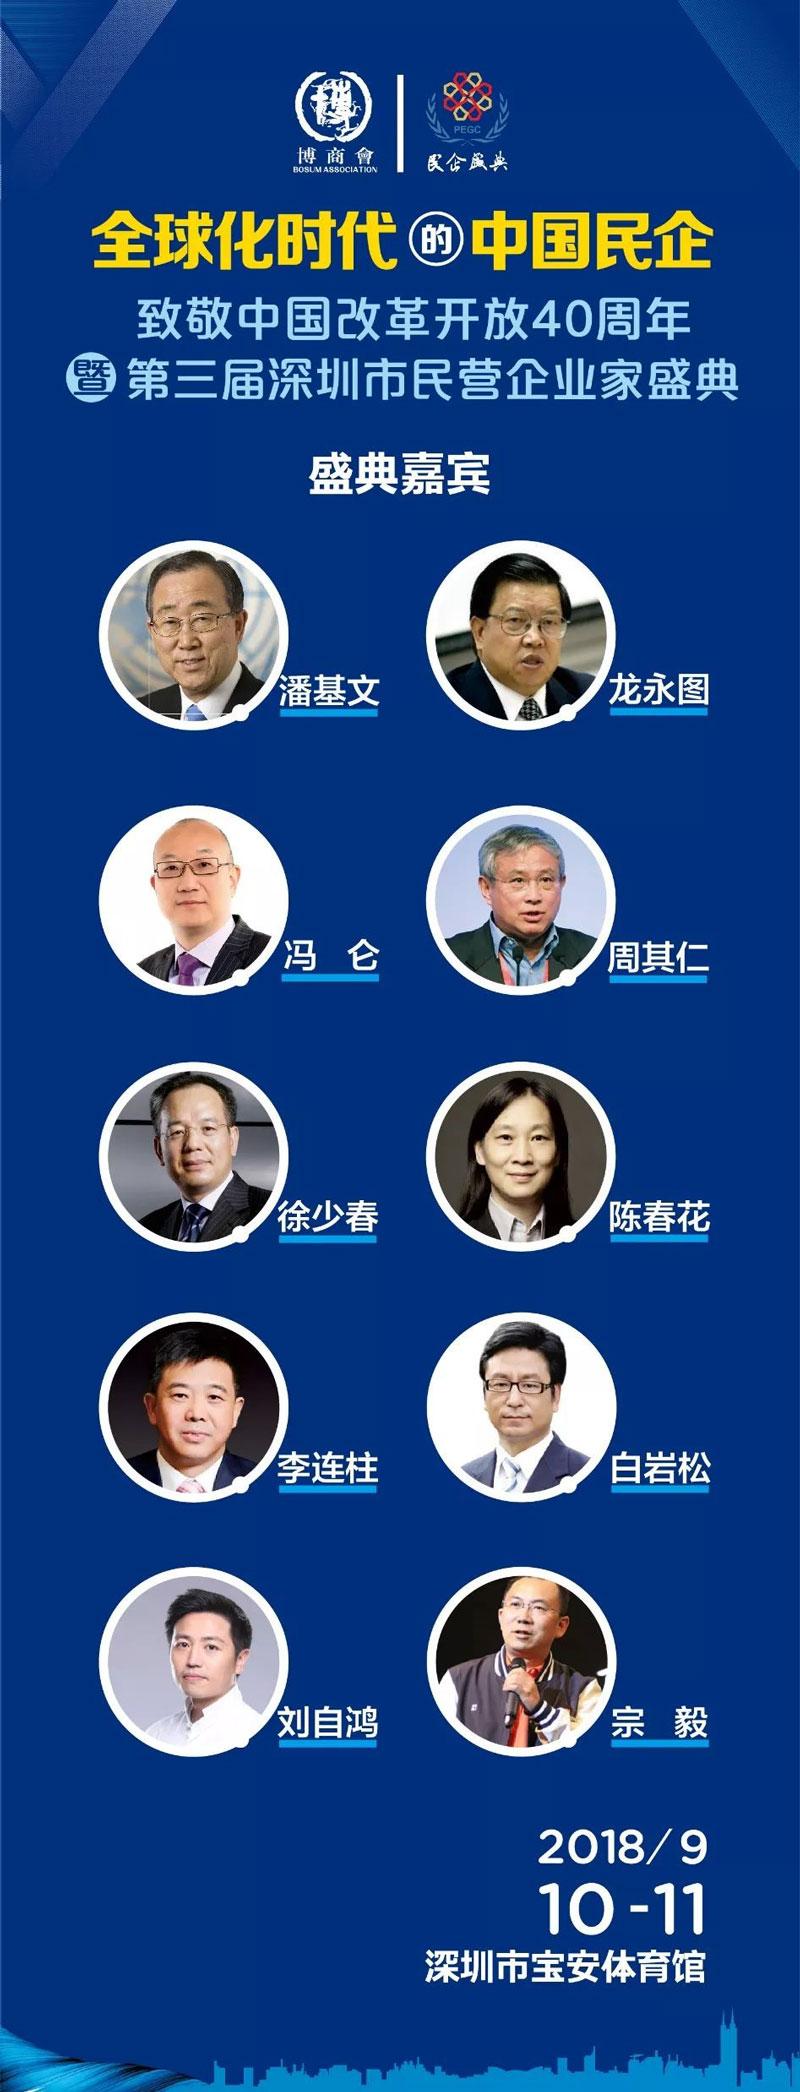 倒计时丨9月10日卡酷尚联合主办第三届深圳民企盛典邀请嘉宾